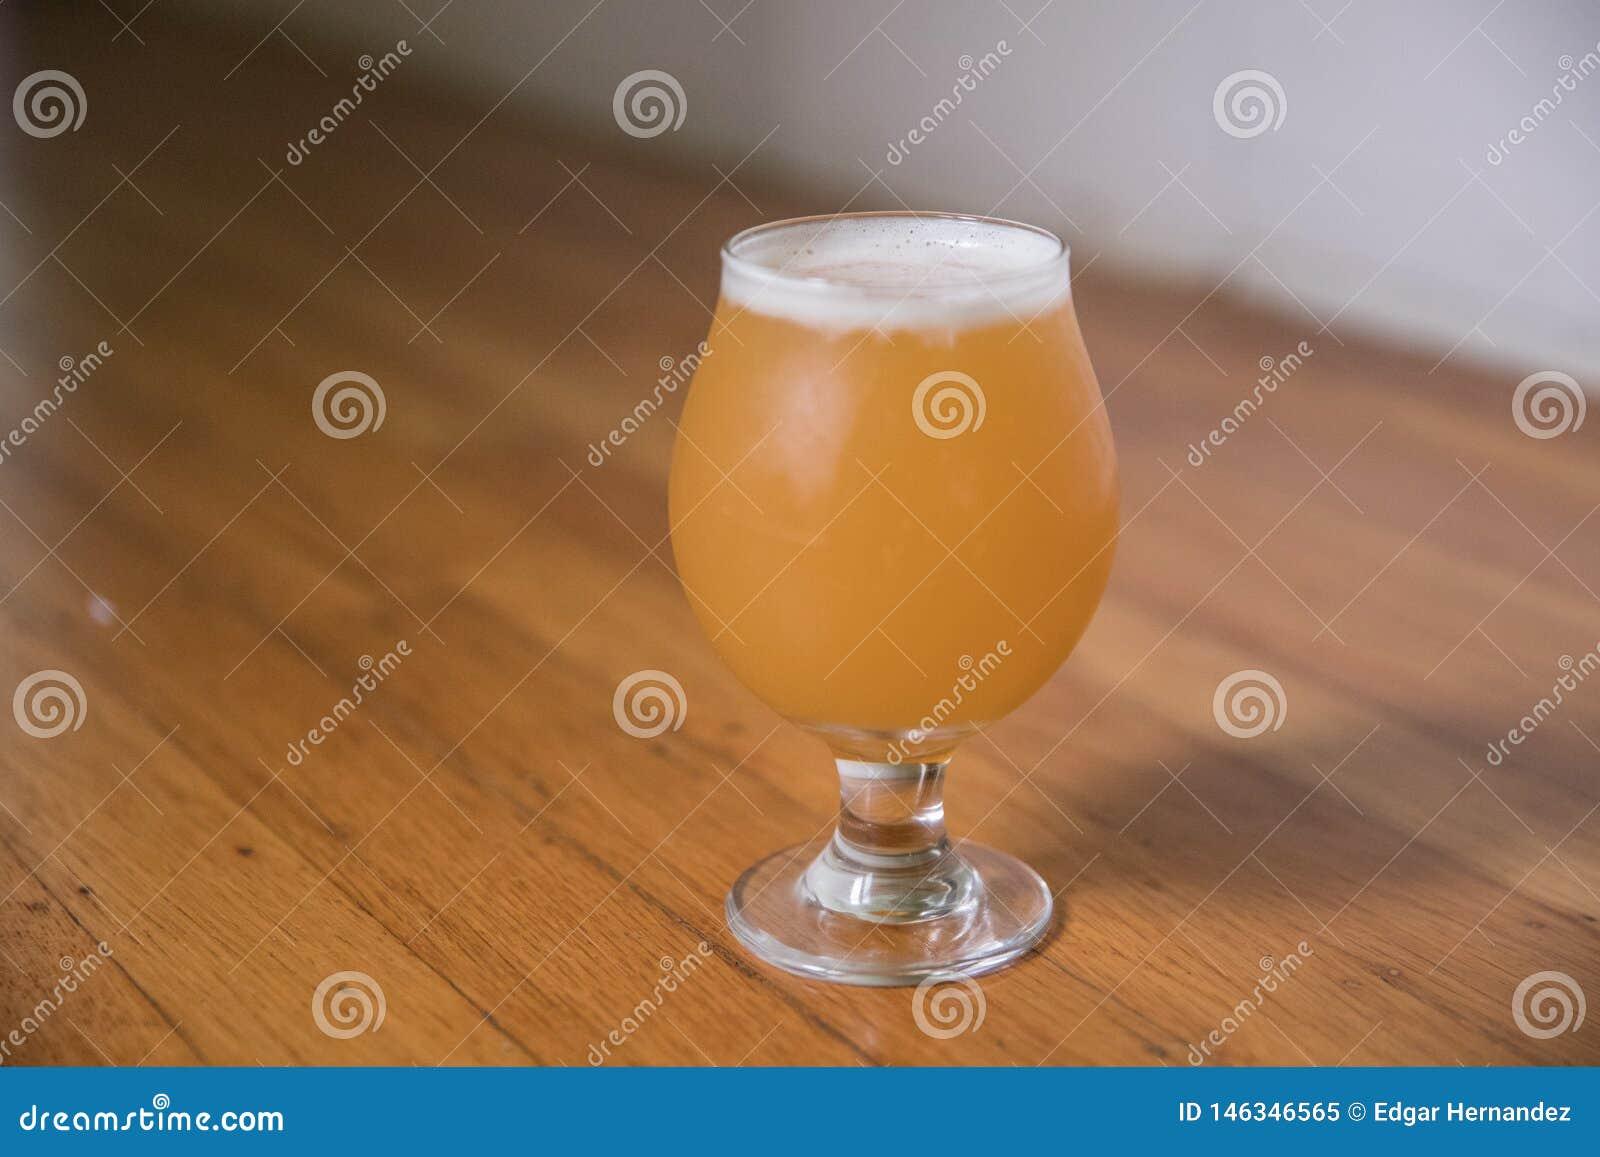 ?ndia Pale Ale Craft Beer